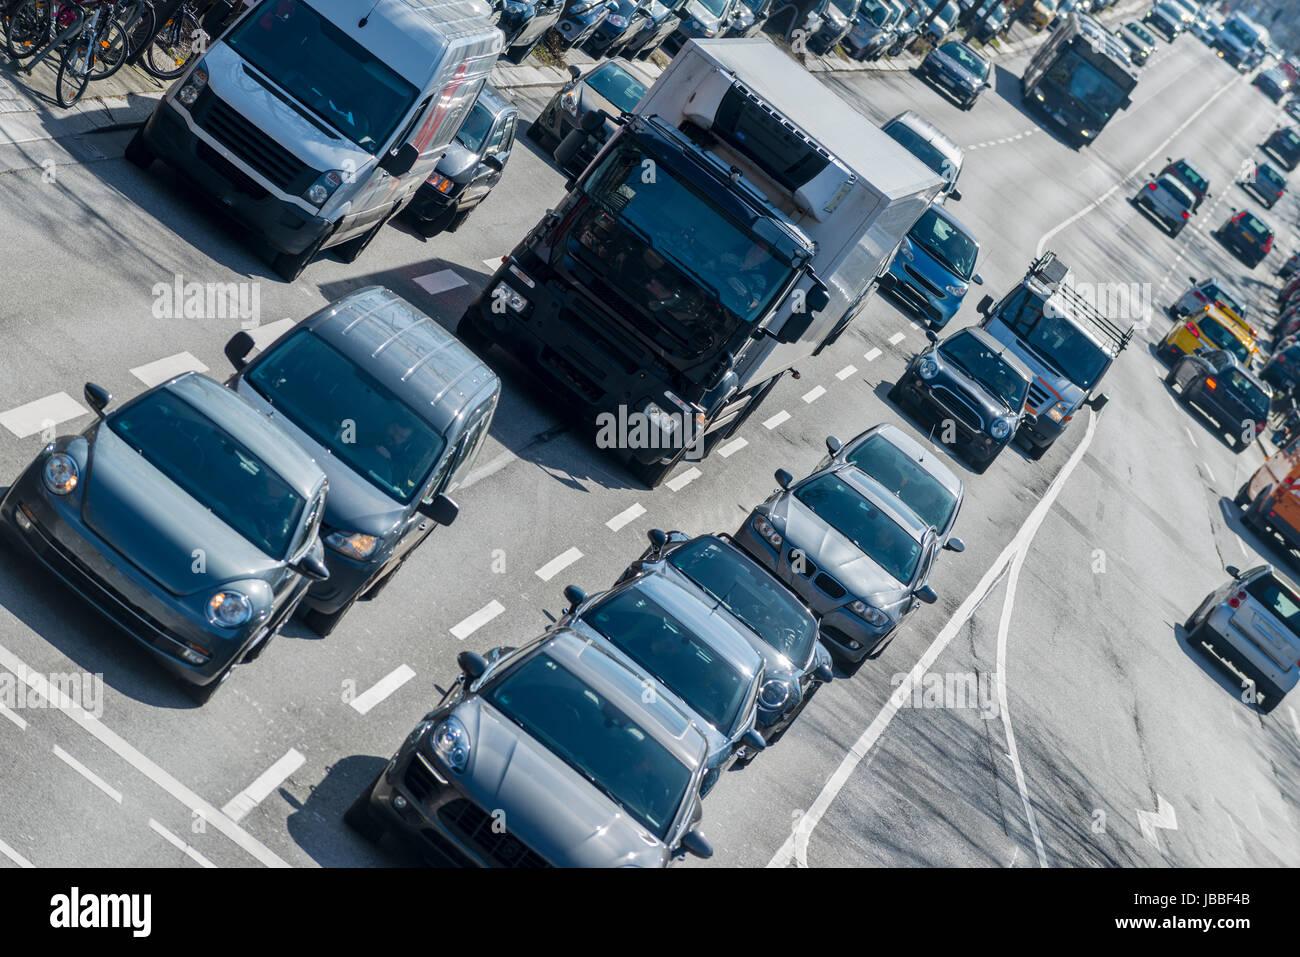 Straßenverkehr in Hamburg, Deutschland - Stock Image